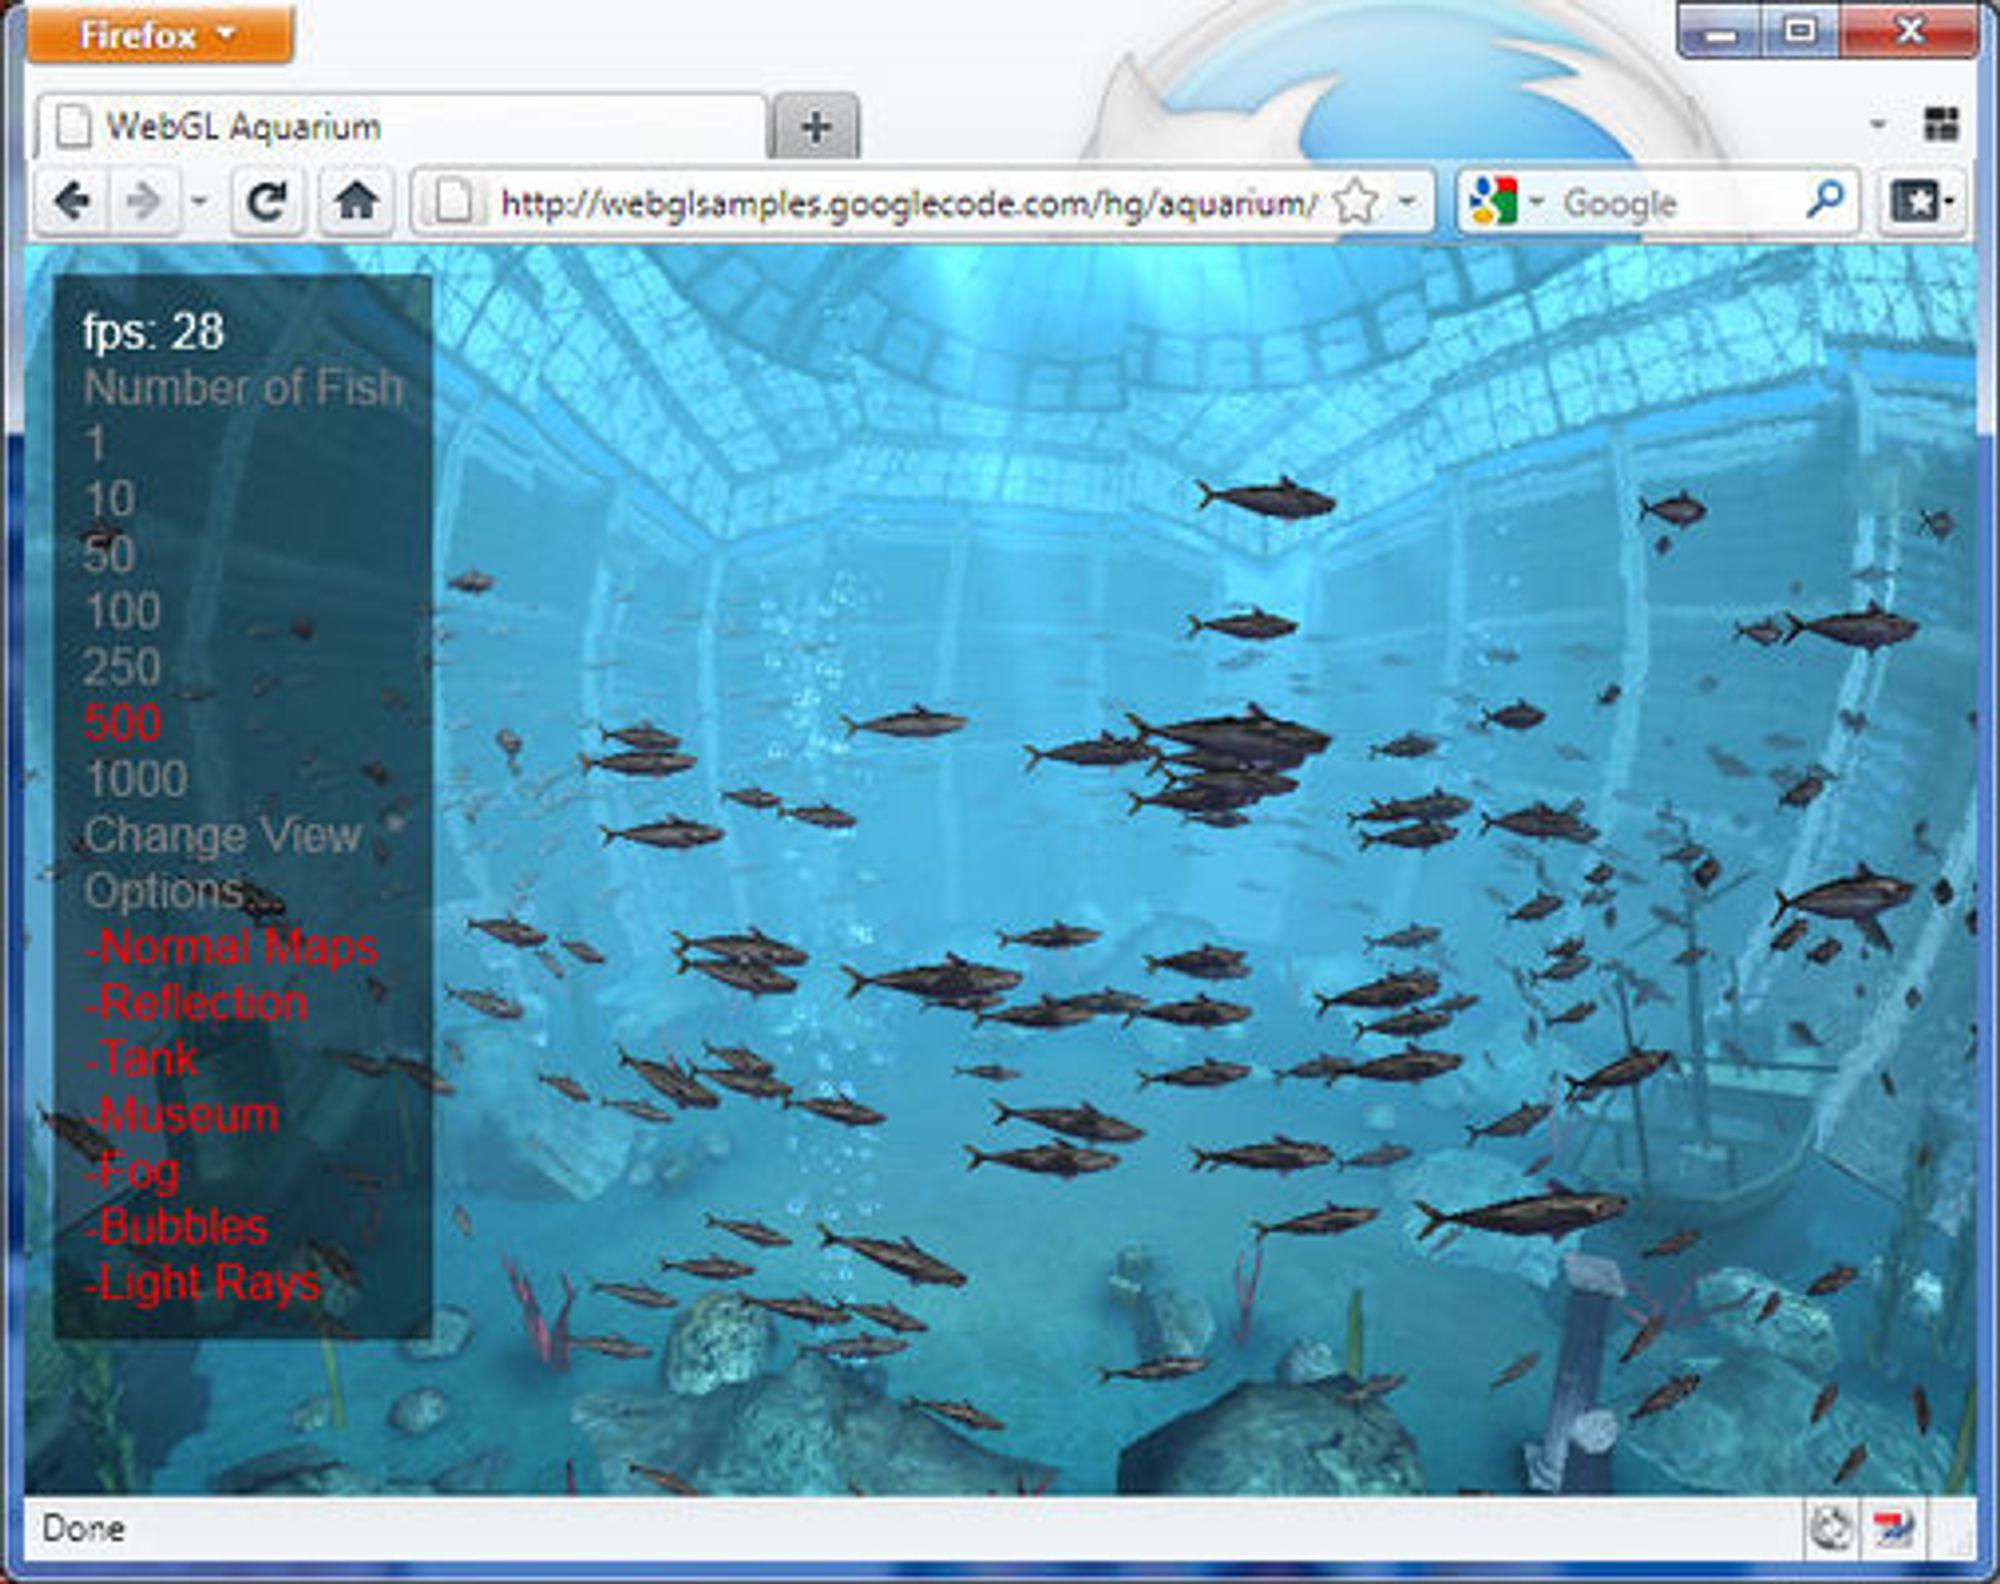 Googles akvariumtest fungerer bare i nettlesere som støtter WebGL. Her vist i Firefox 4 beta 6.